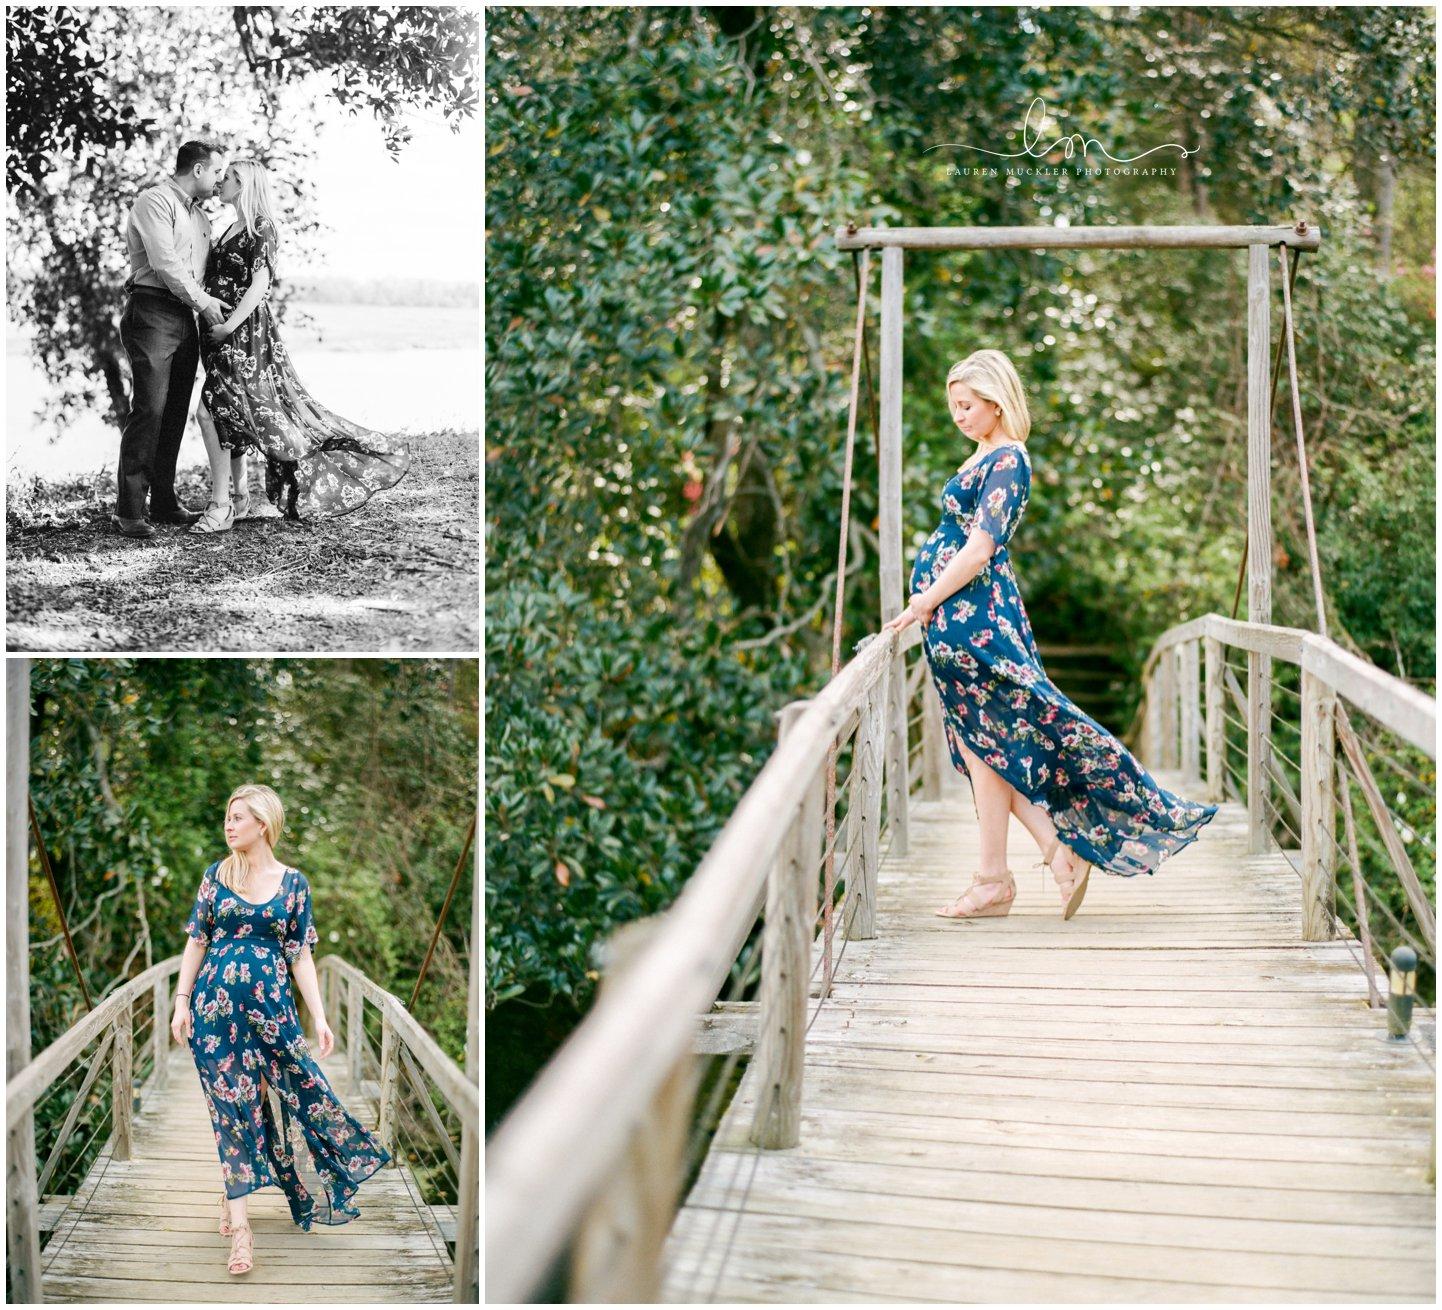 st louis photography_maternity_lauren muckler photography_film_st louis film photographer_0009.jpg